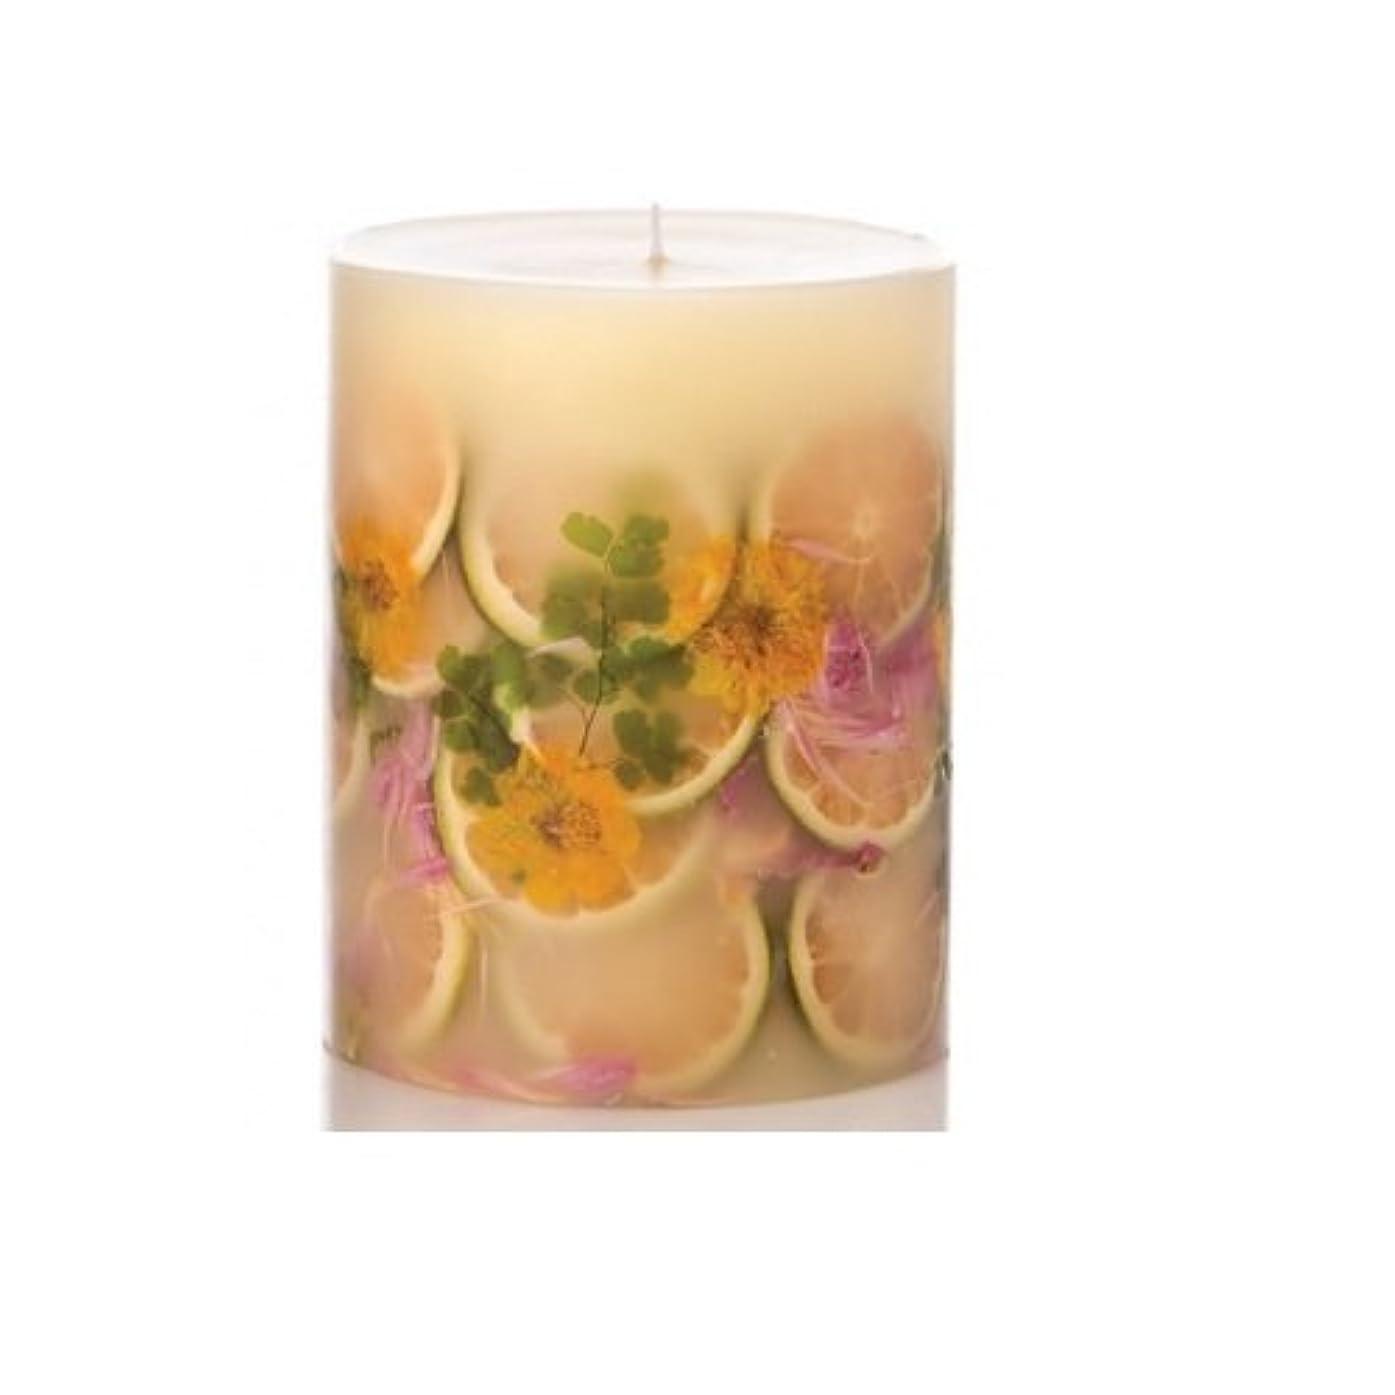 スペードベッド立ち寄るRosy Rings Lemon Blossom & Lycheeトールラウンド香りのキャンドル、5